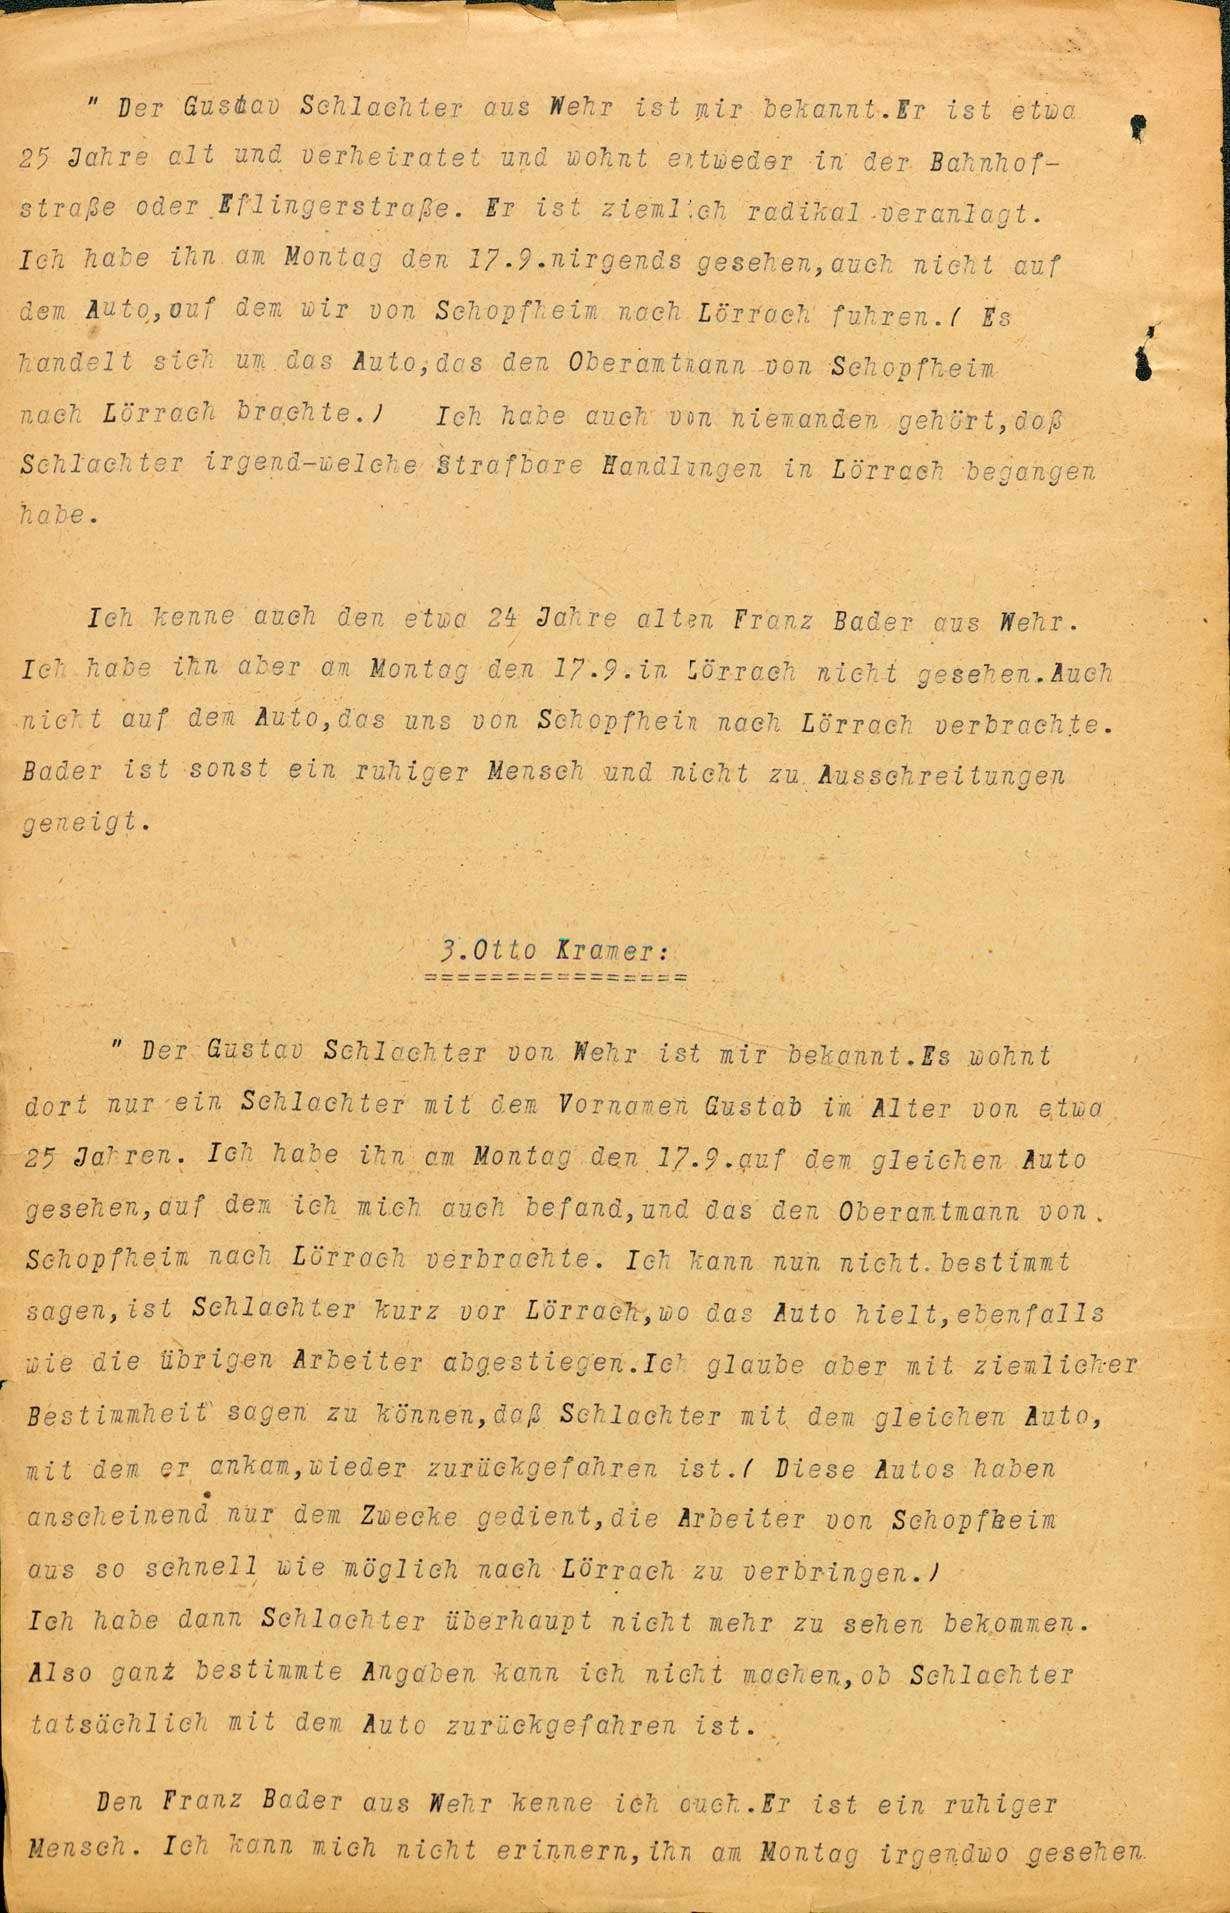 Ermittlungen gegen Gustav Schlachter, Wehr Franz Bader, Wehr wegen Landfriedensbruch (Teilnahme an den Unruhen in Lörrach, Sept. 1923, Ermittlungen eingestellt), Bild 3